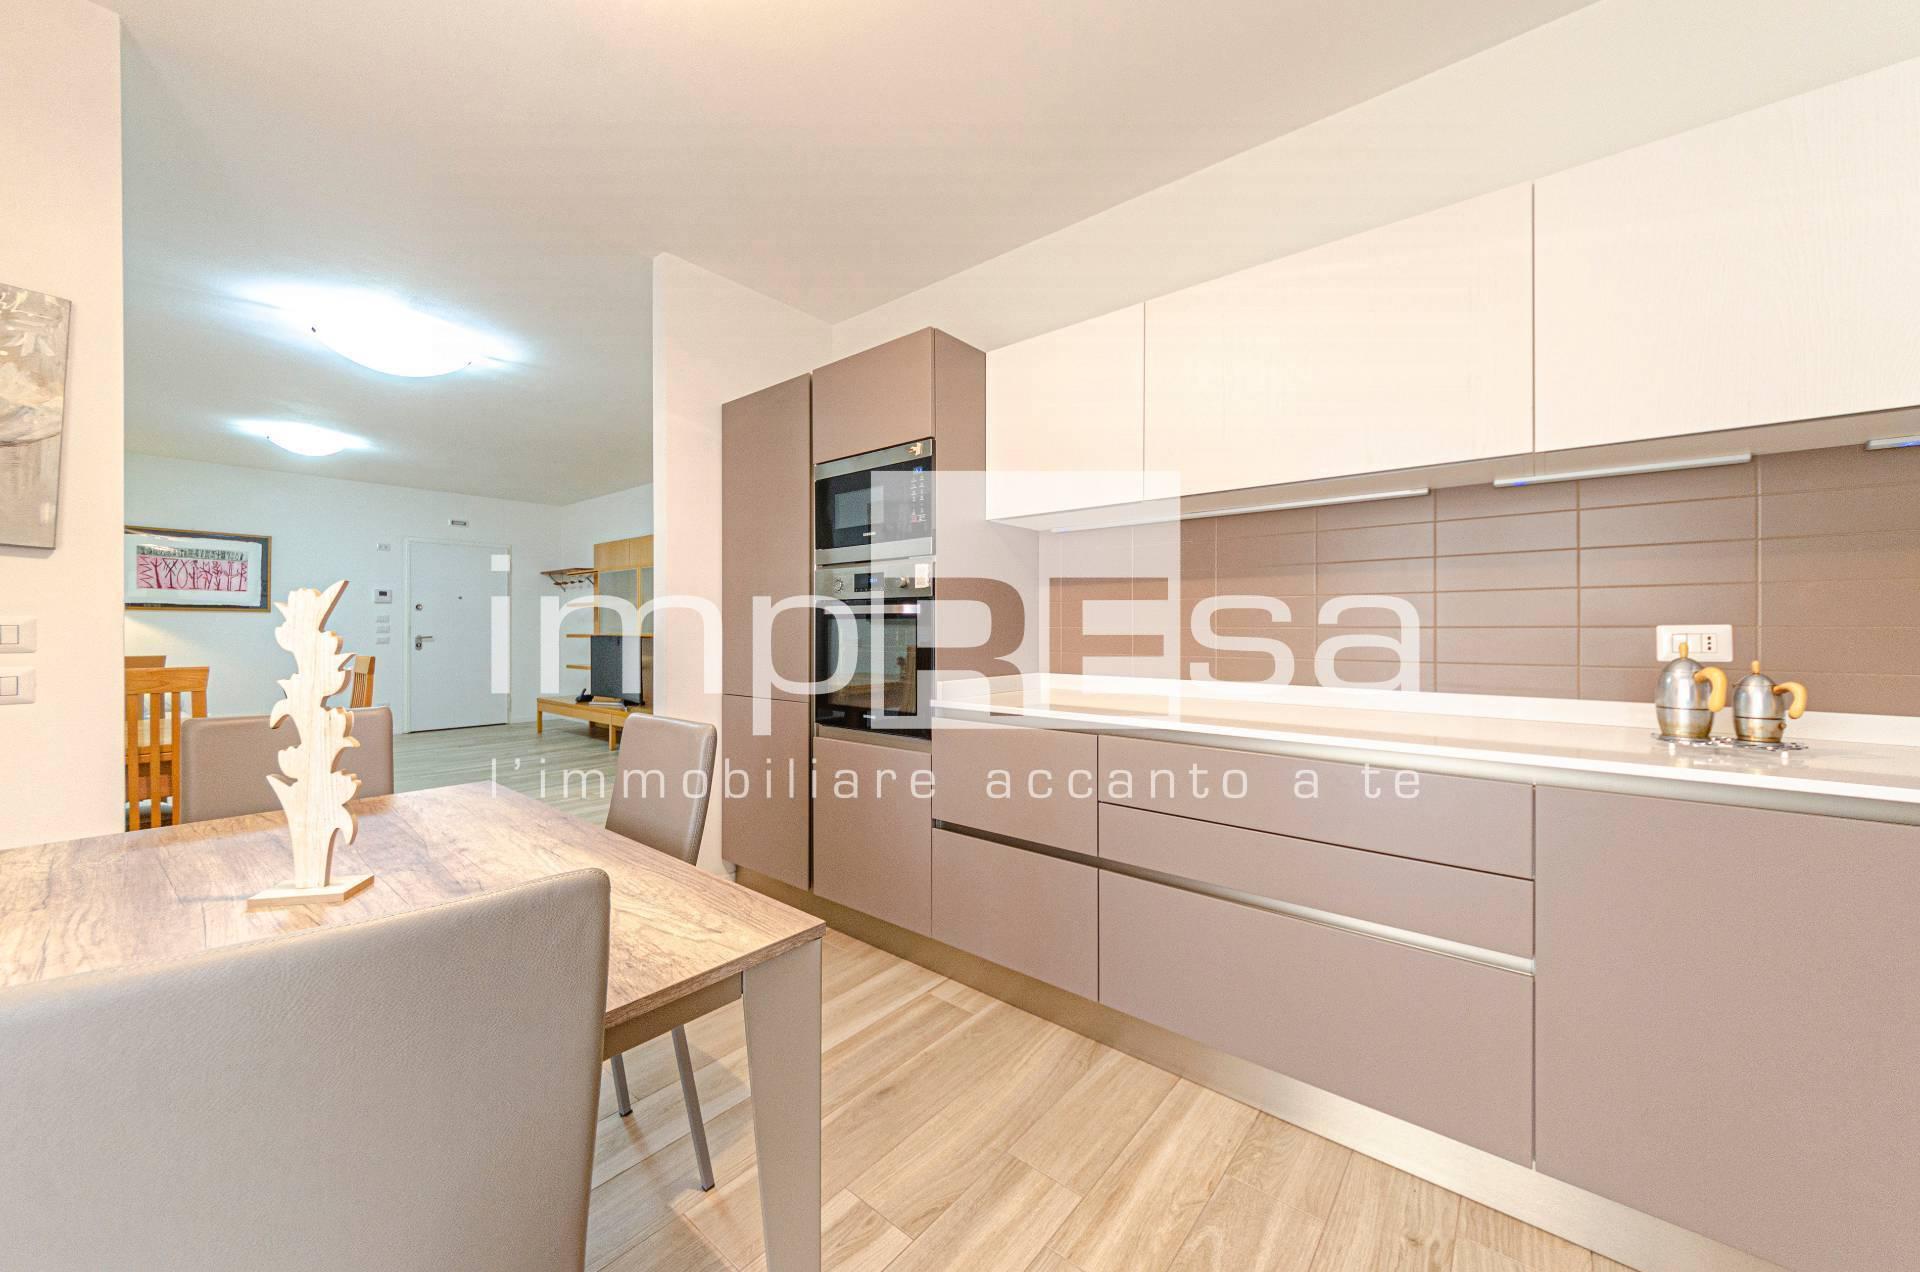 Appartamento in vendita a Marcon, 6 locali, prezzo € 278.000 | CambioCasa.it